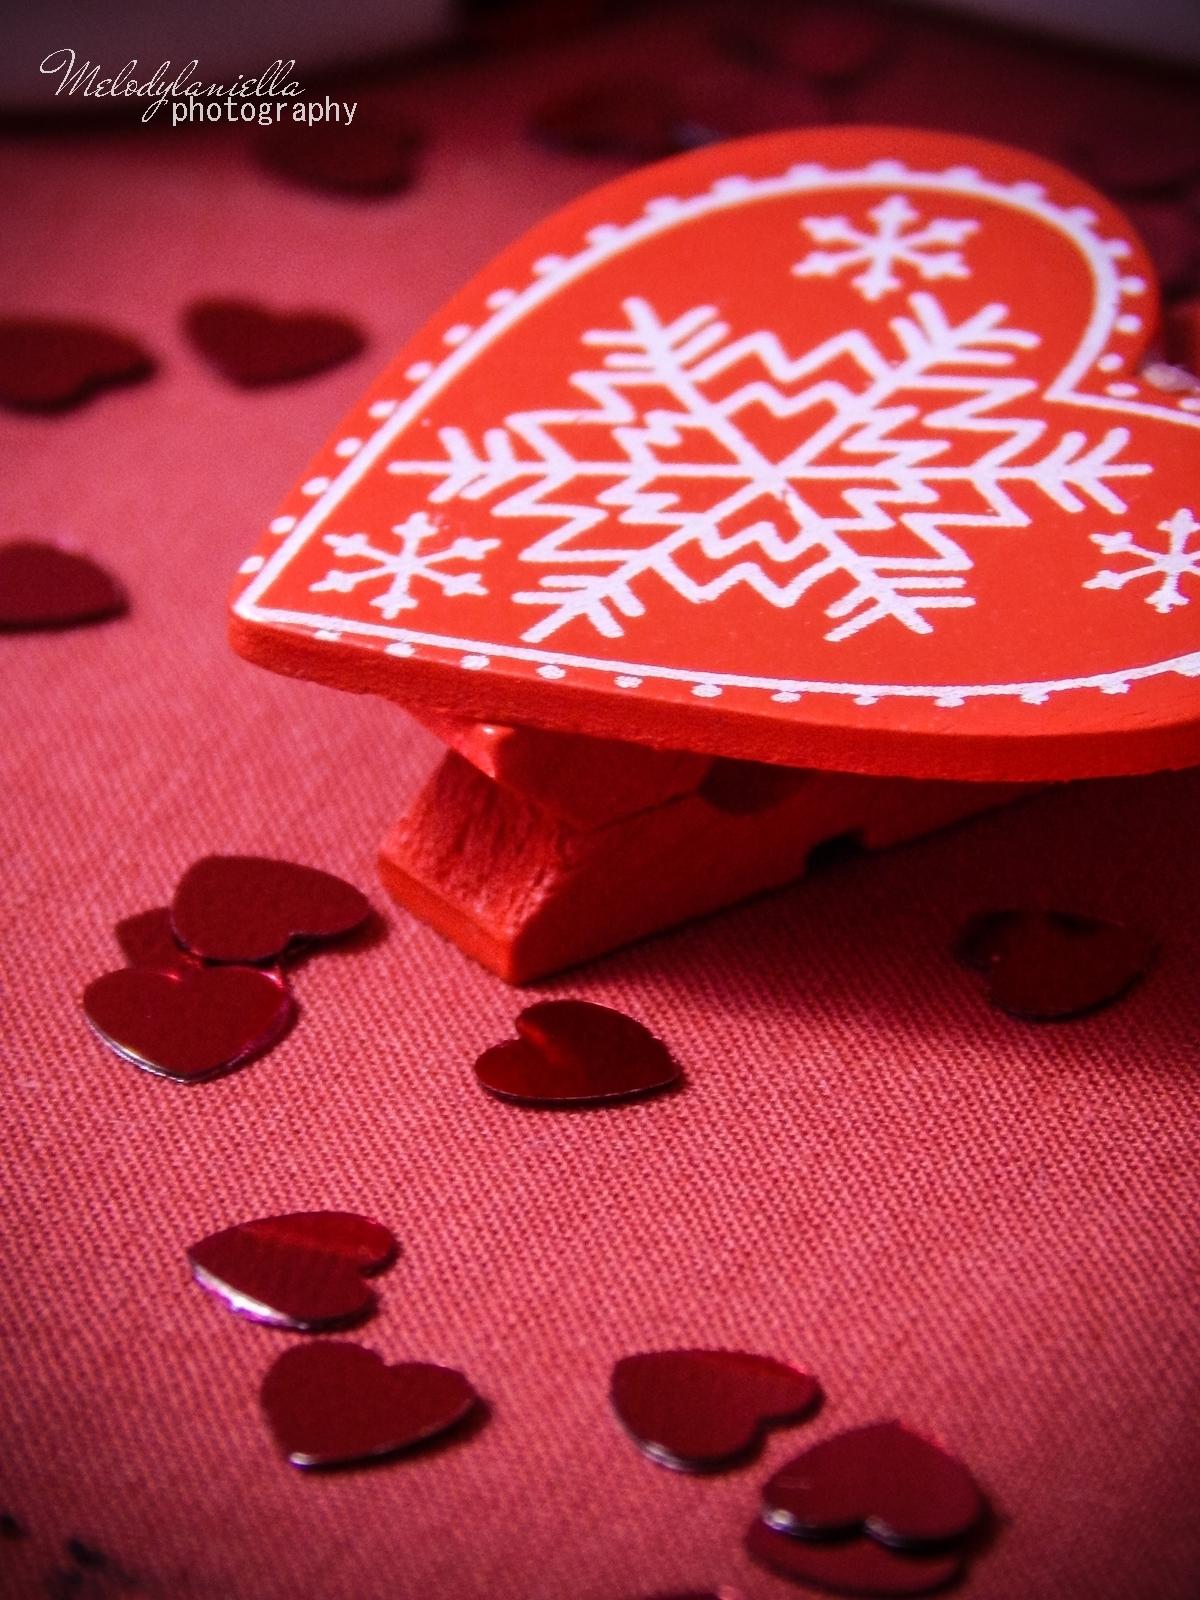 12 jak udekorować stół na walentynki walentynkowa kolacja pomysły na walentynkowe prezenty walentynkowe dekoracje home interior valentines blog melodylaniella partybox red